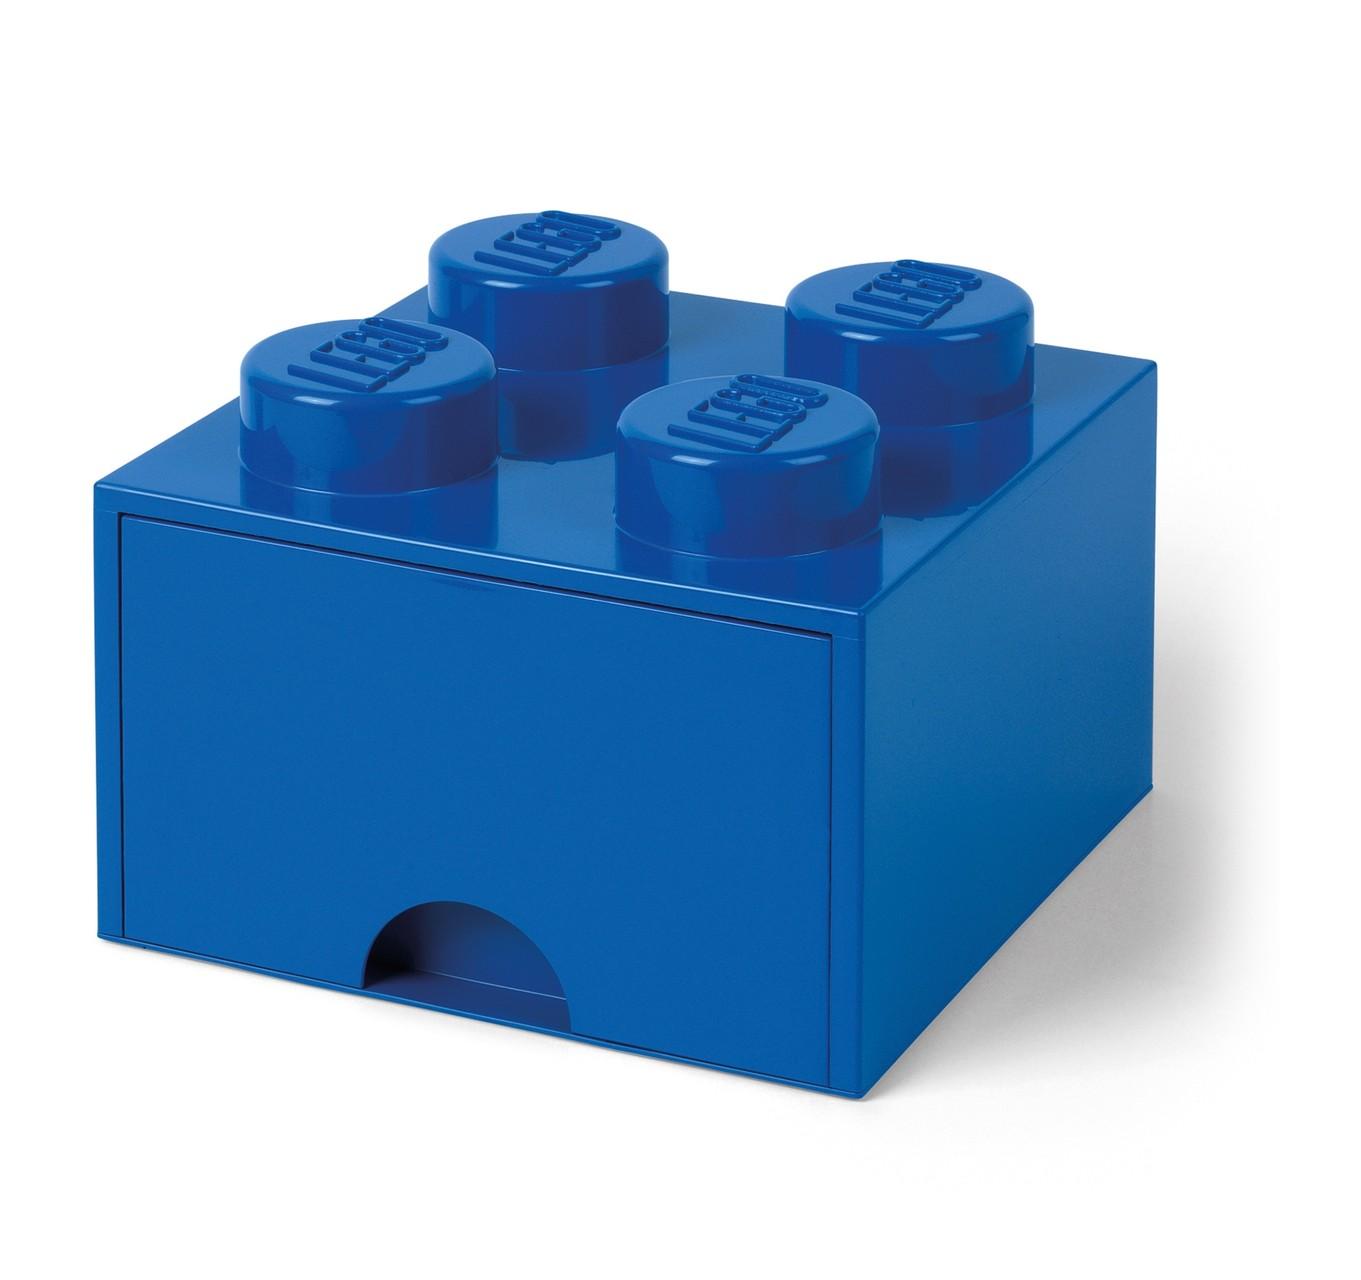 Full Size of Aufbewahrungsbehälter Lego Bausteinbomit Schublade 4 Noppen Farbe Blau Küche Wohnzimmer Aufbewahrungsbehälter